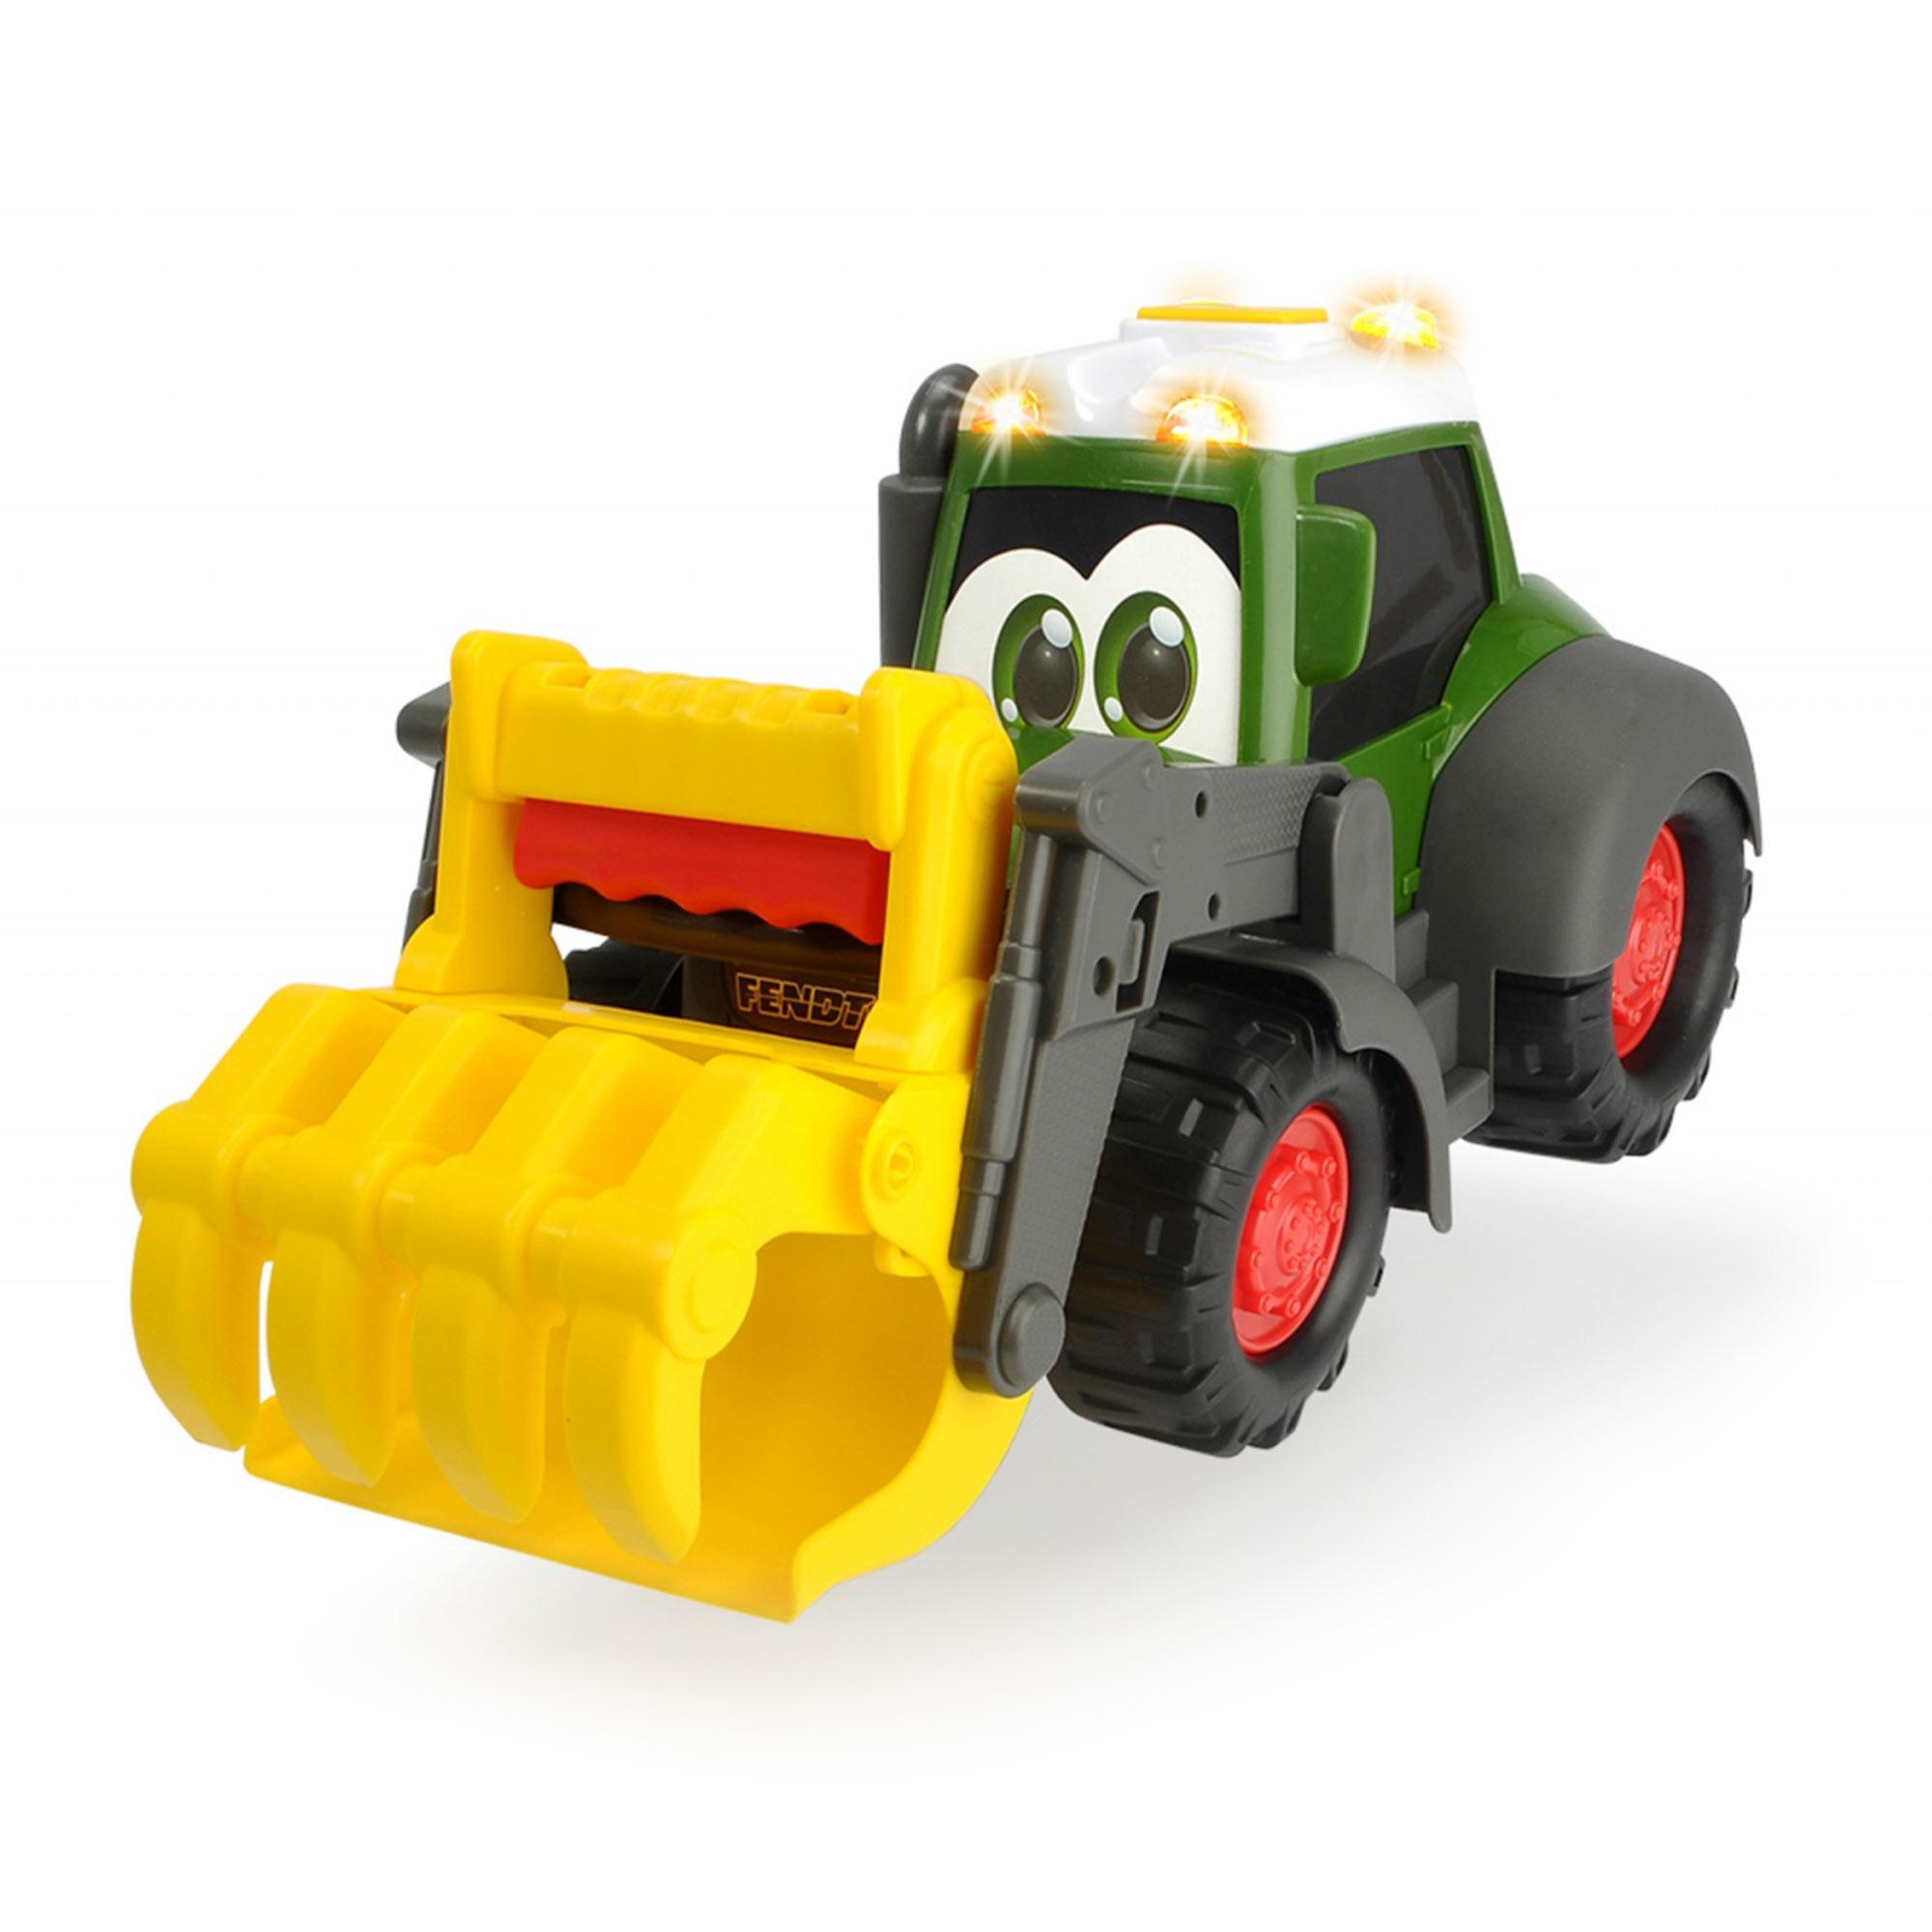 Фото - Машинка Dickie Toys Погрузчик Happy Fendt Worker 30 см погрузчик dickie toys дорожно погрузочная машина 3726000 35 см желтый белый